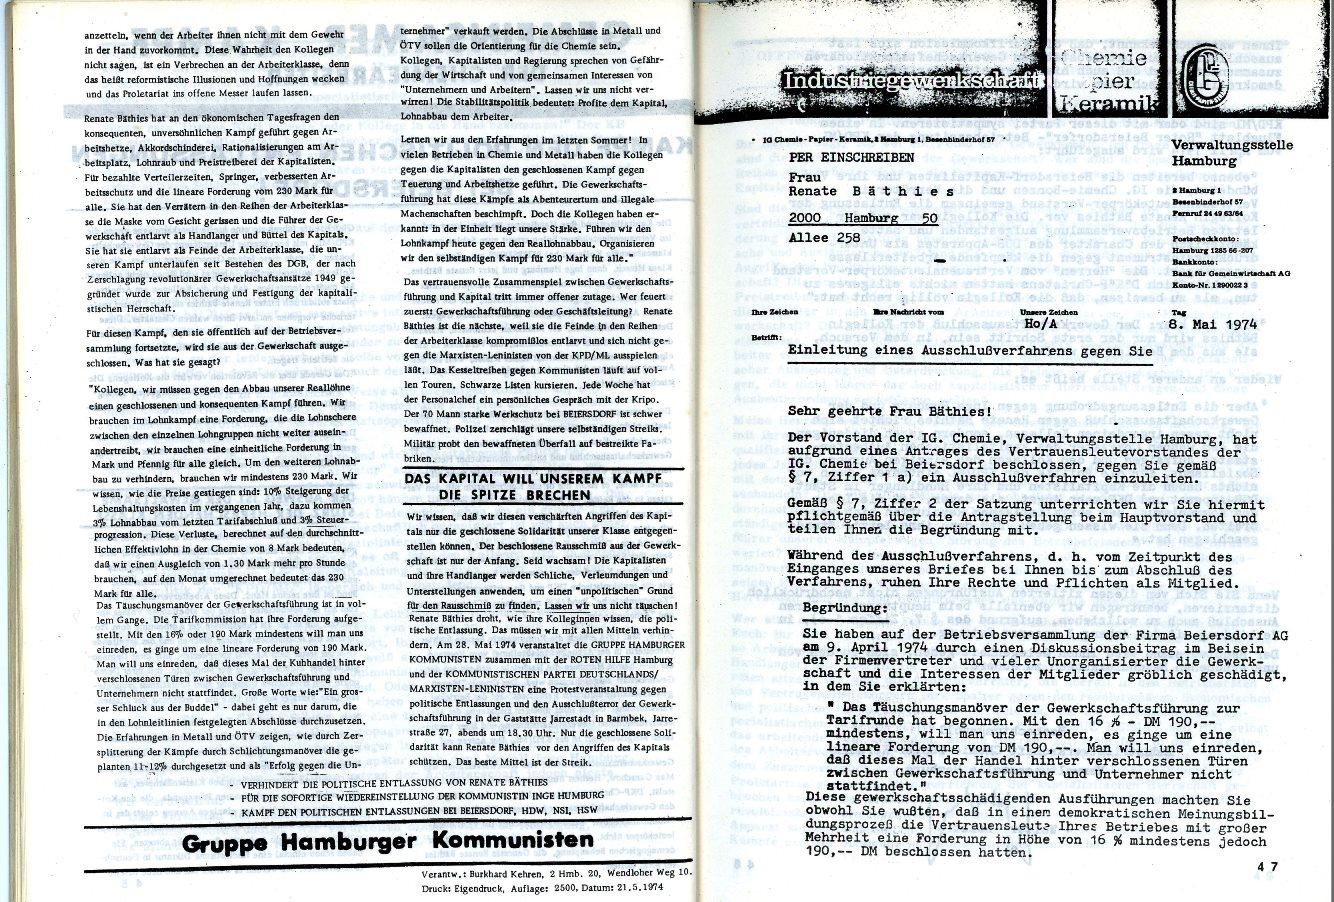 Hamburg_RH_1974_Politische_Entlassungen_25